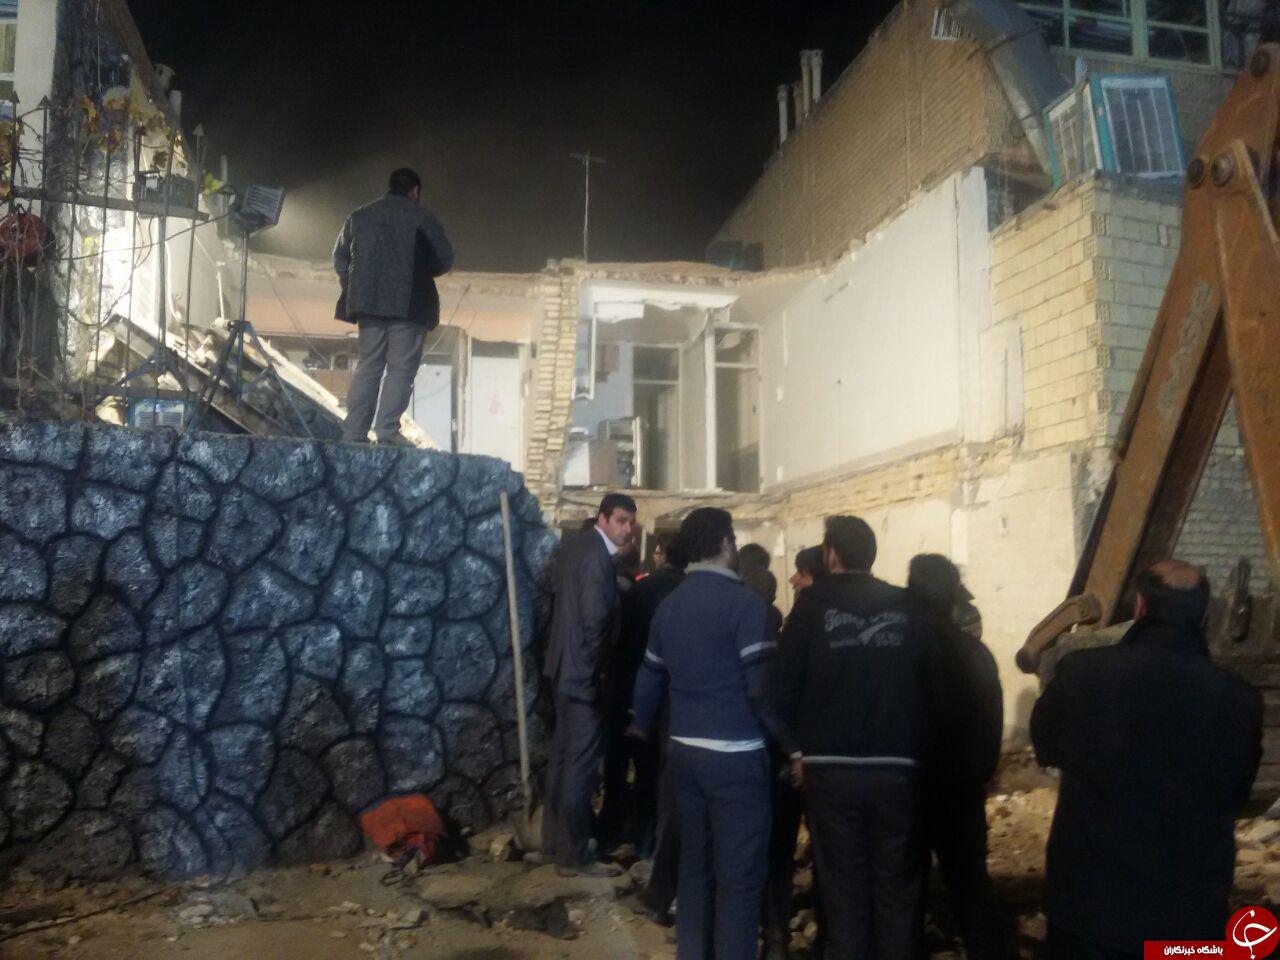 جزئیات انفجار مهیب در خیابان چمران اصفهان + تصاویر